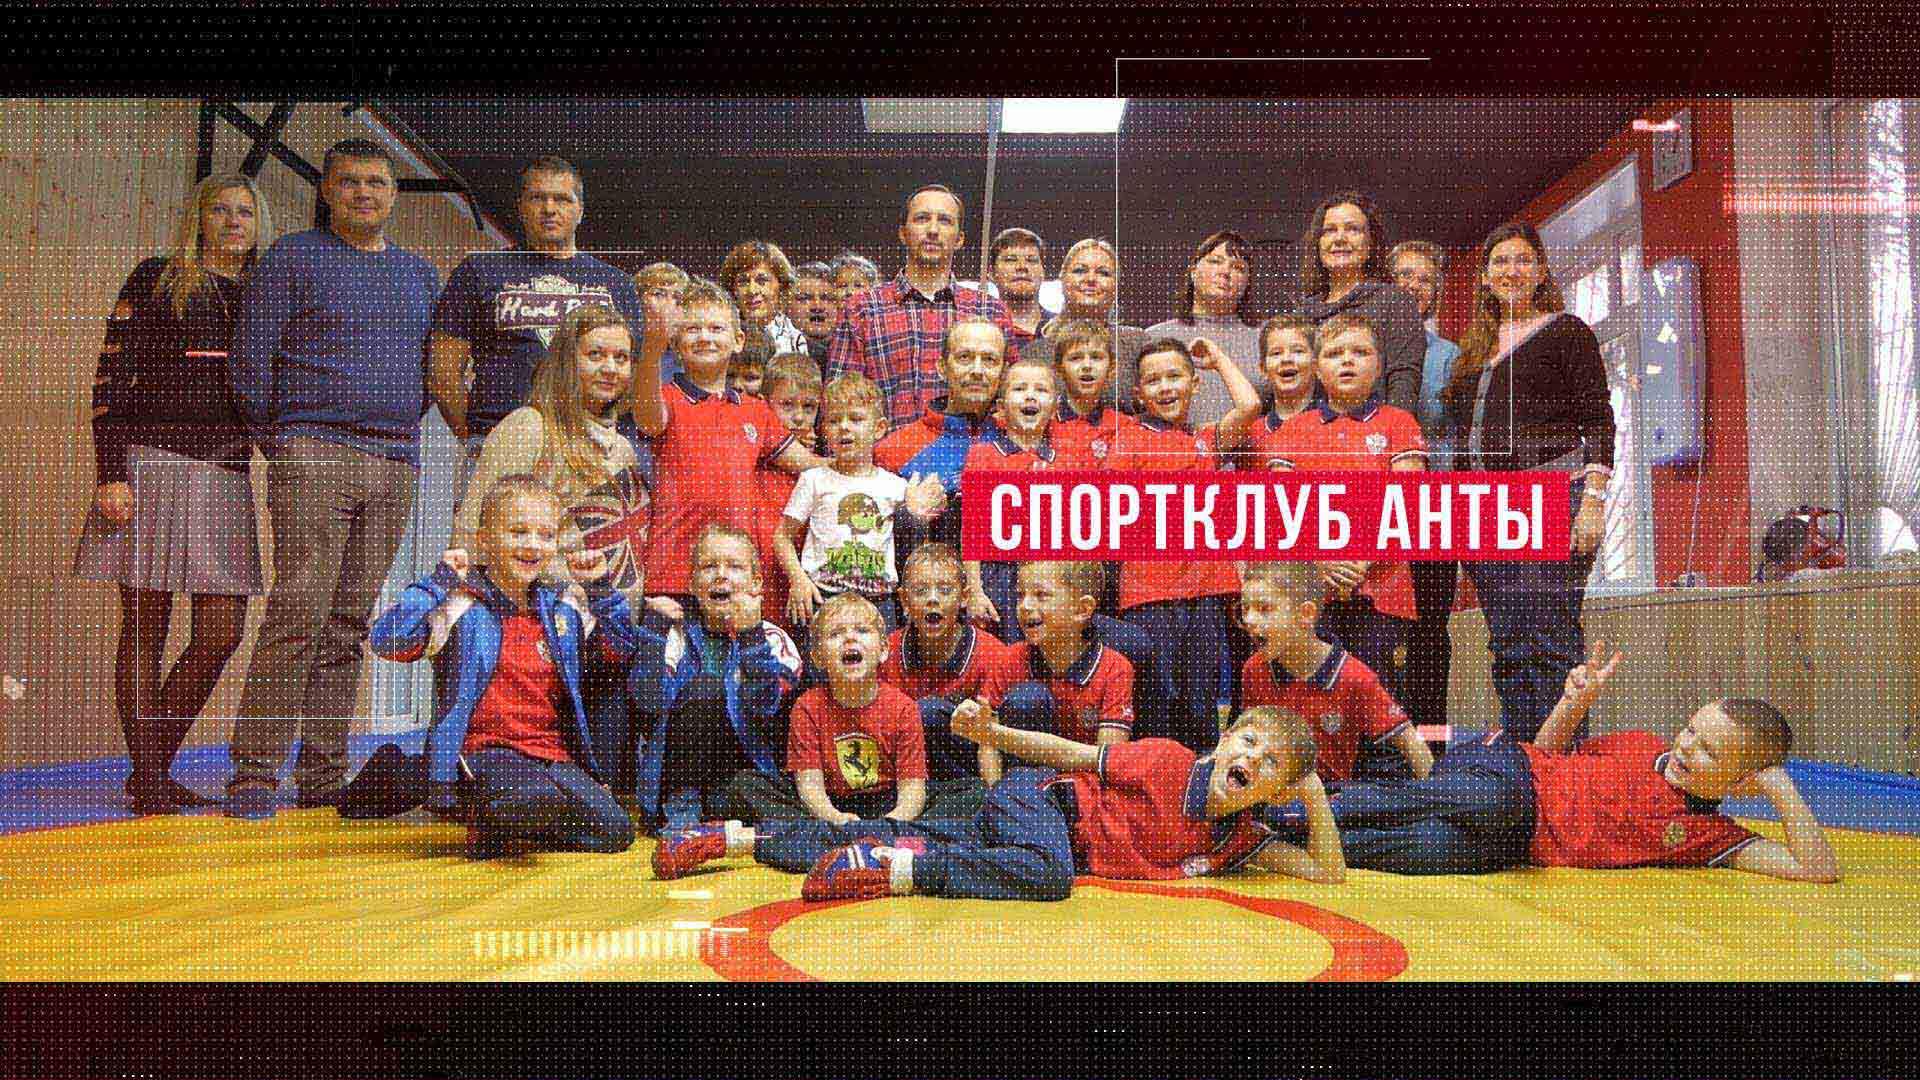 детский спортивный праздник, видеосъемка спортивных соревнований